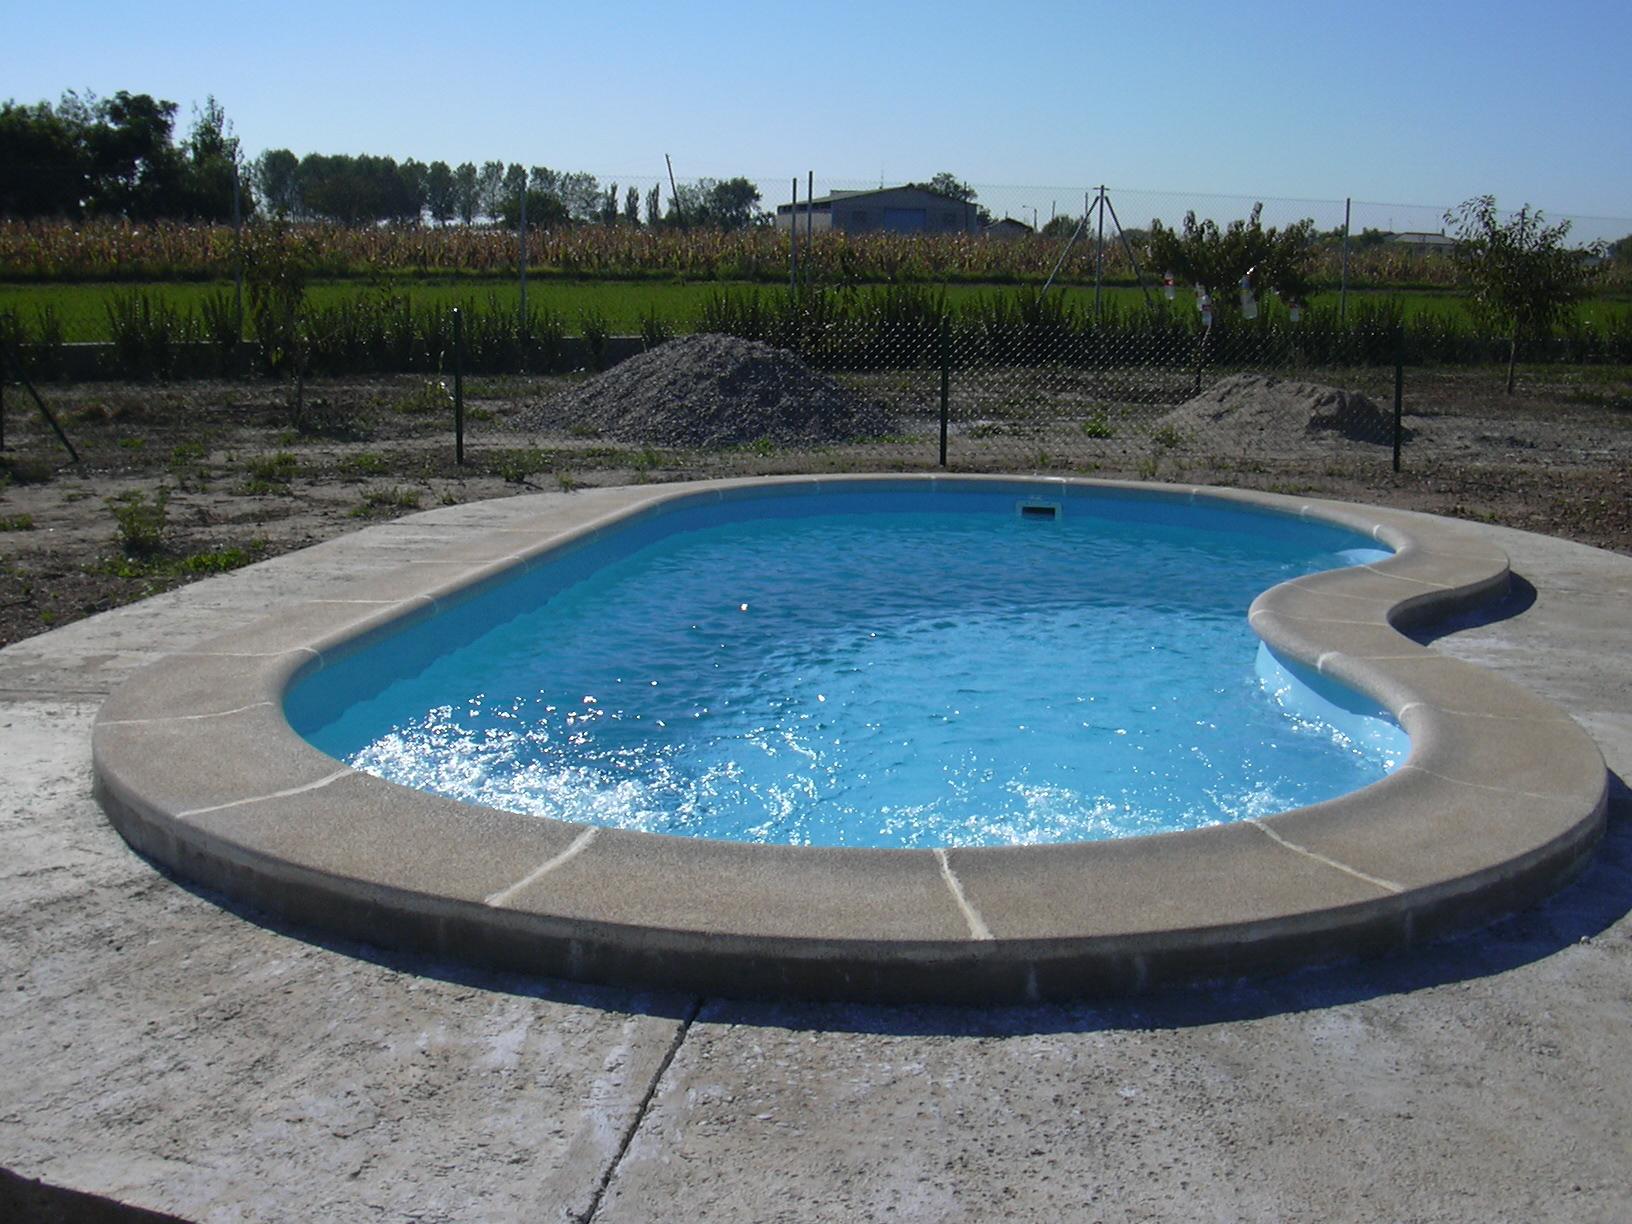 qu hago para tener la piscina limpia durante el verano